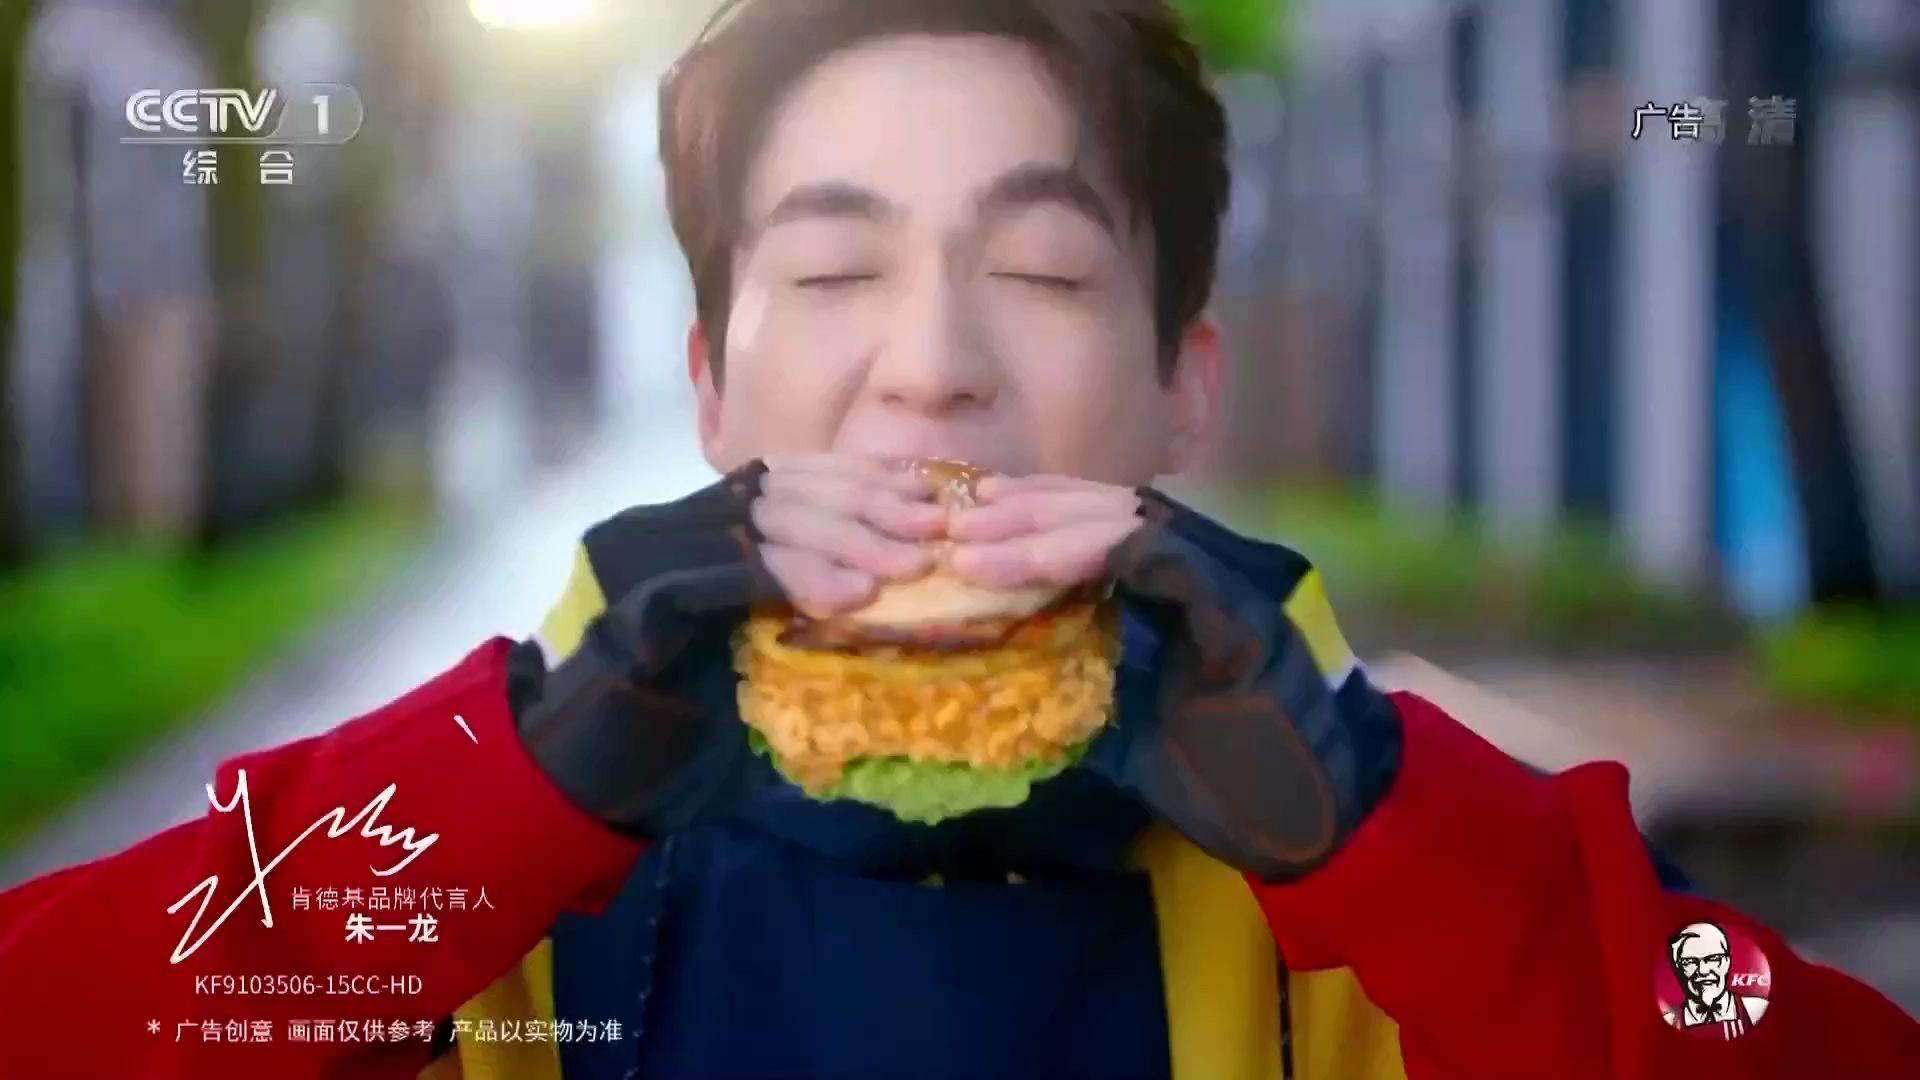 央视广告欣赏-肯德基香辣鸡枞菌菌菇鸡腿双层堡